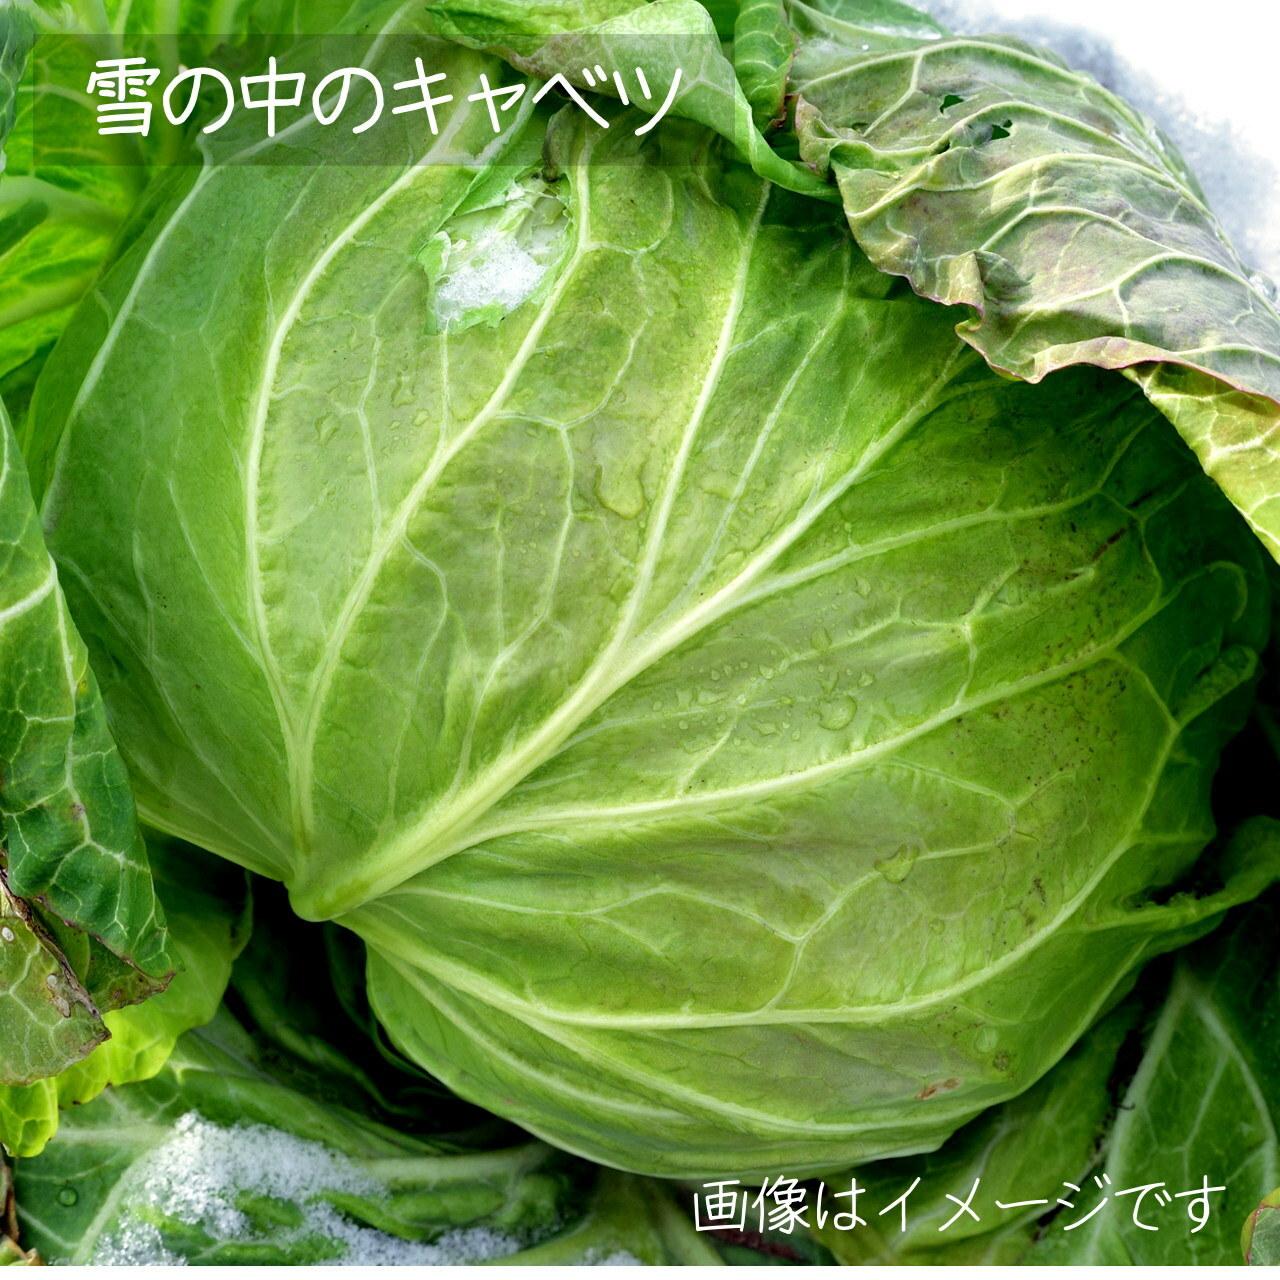 11月の朝採り直売野菜 : キャベツ 1個 新鮮な冬野菜 11月23日発送予定